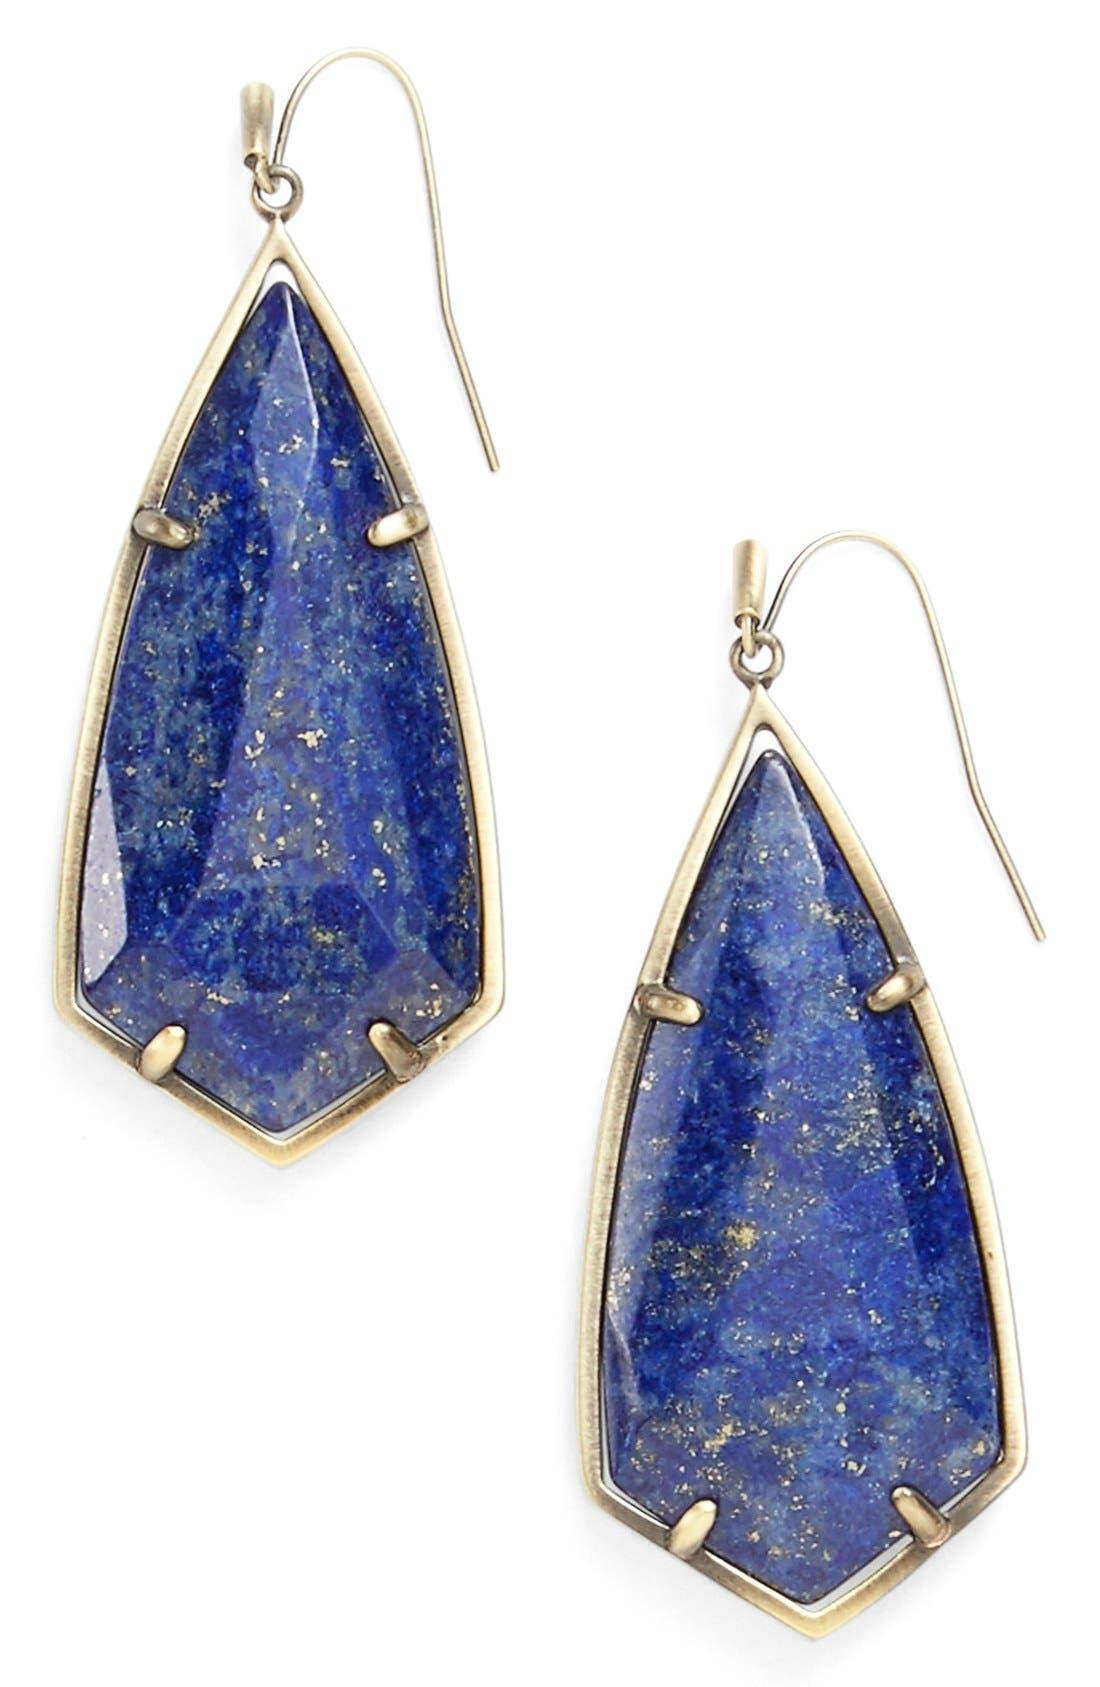 Main Image - Kendra Scott 'Caroline' Semiprecious Stone Drop Earrings